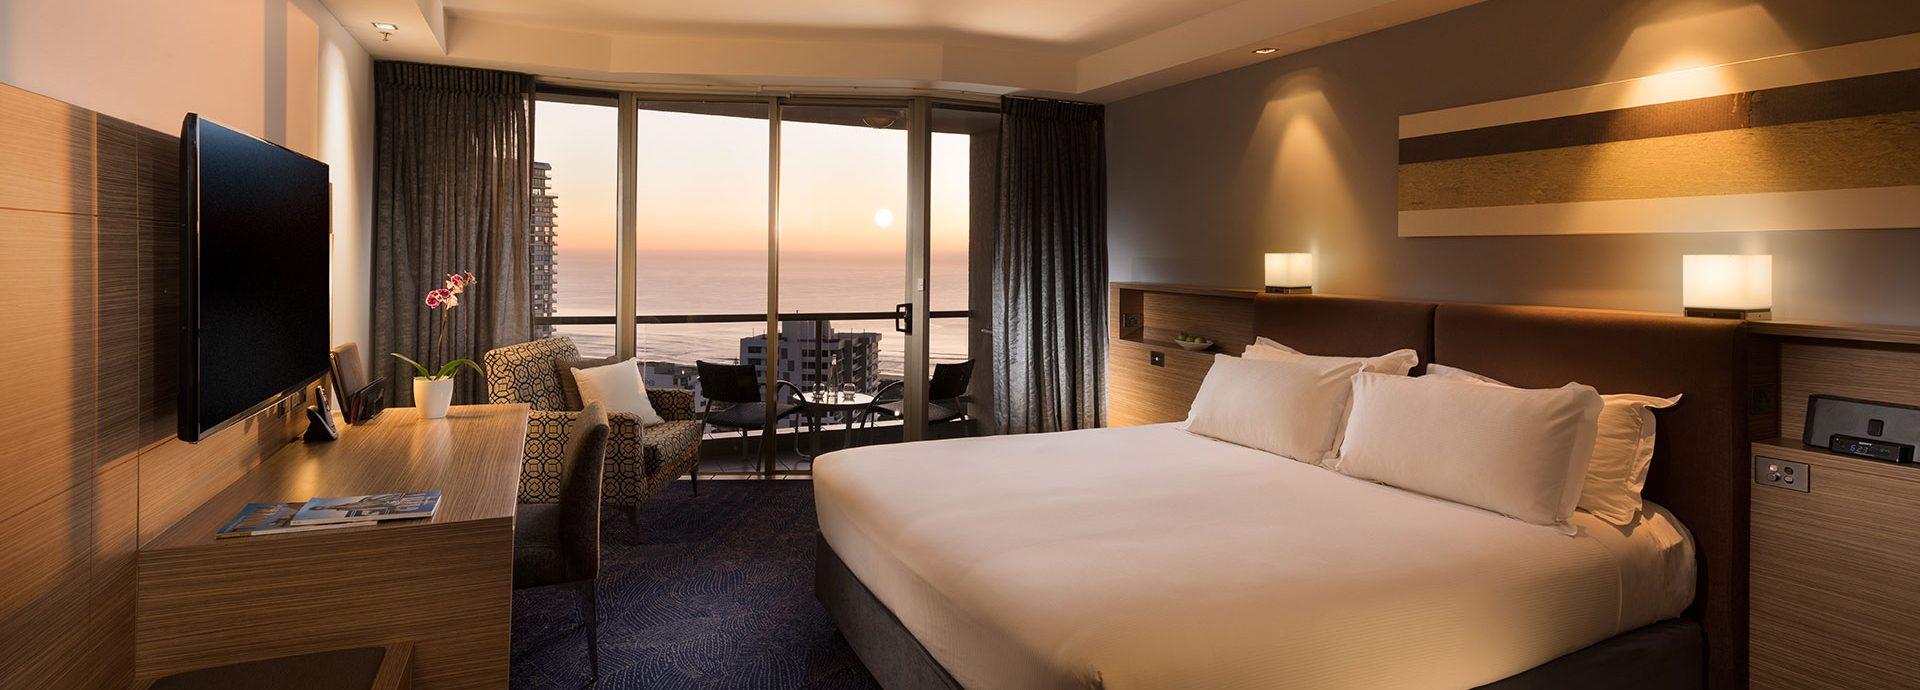 superior-ocean-view-room